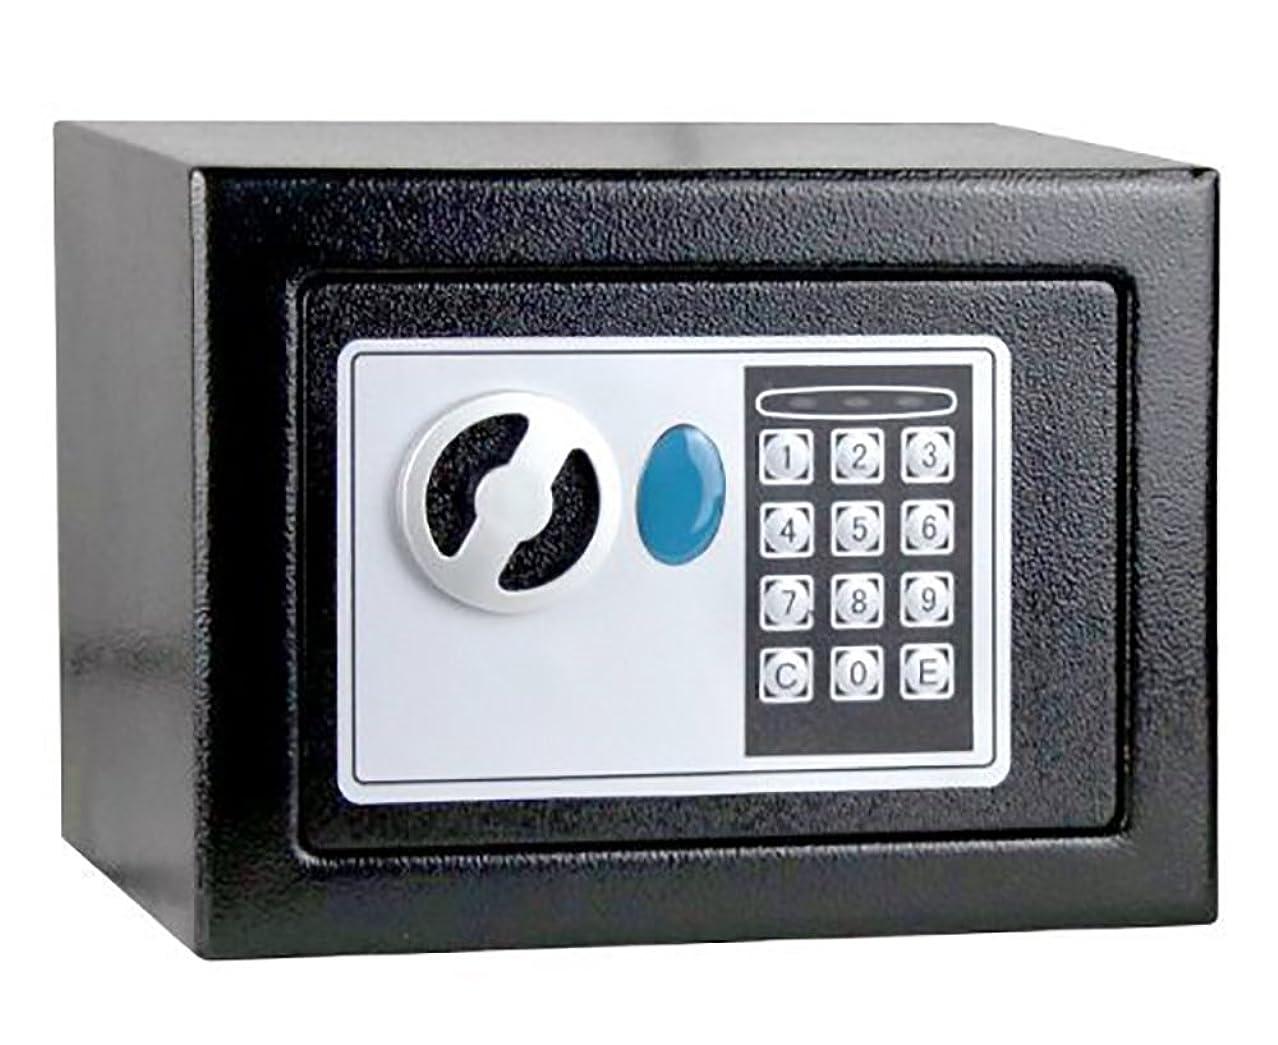 橋脚アドバンテージホイットニー設定簡単 好きな番号で徹底防犯 電子ロック式 小型金庫 緊急キー2本付き MI-DIGI-KK